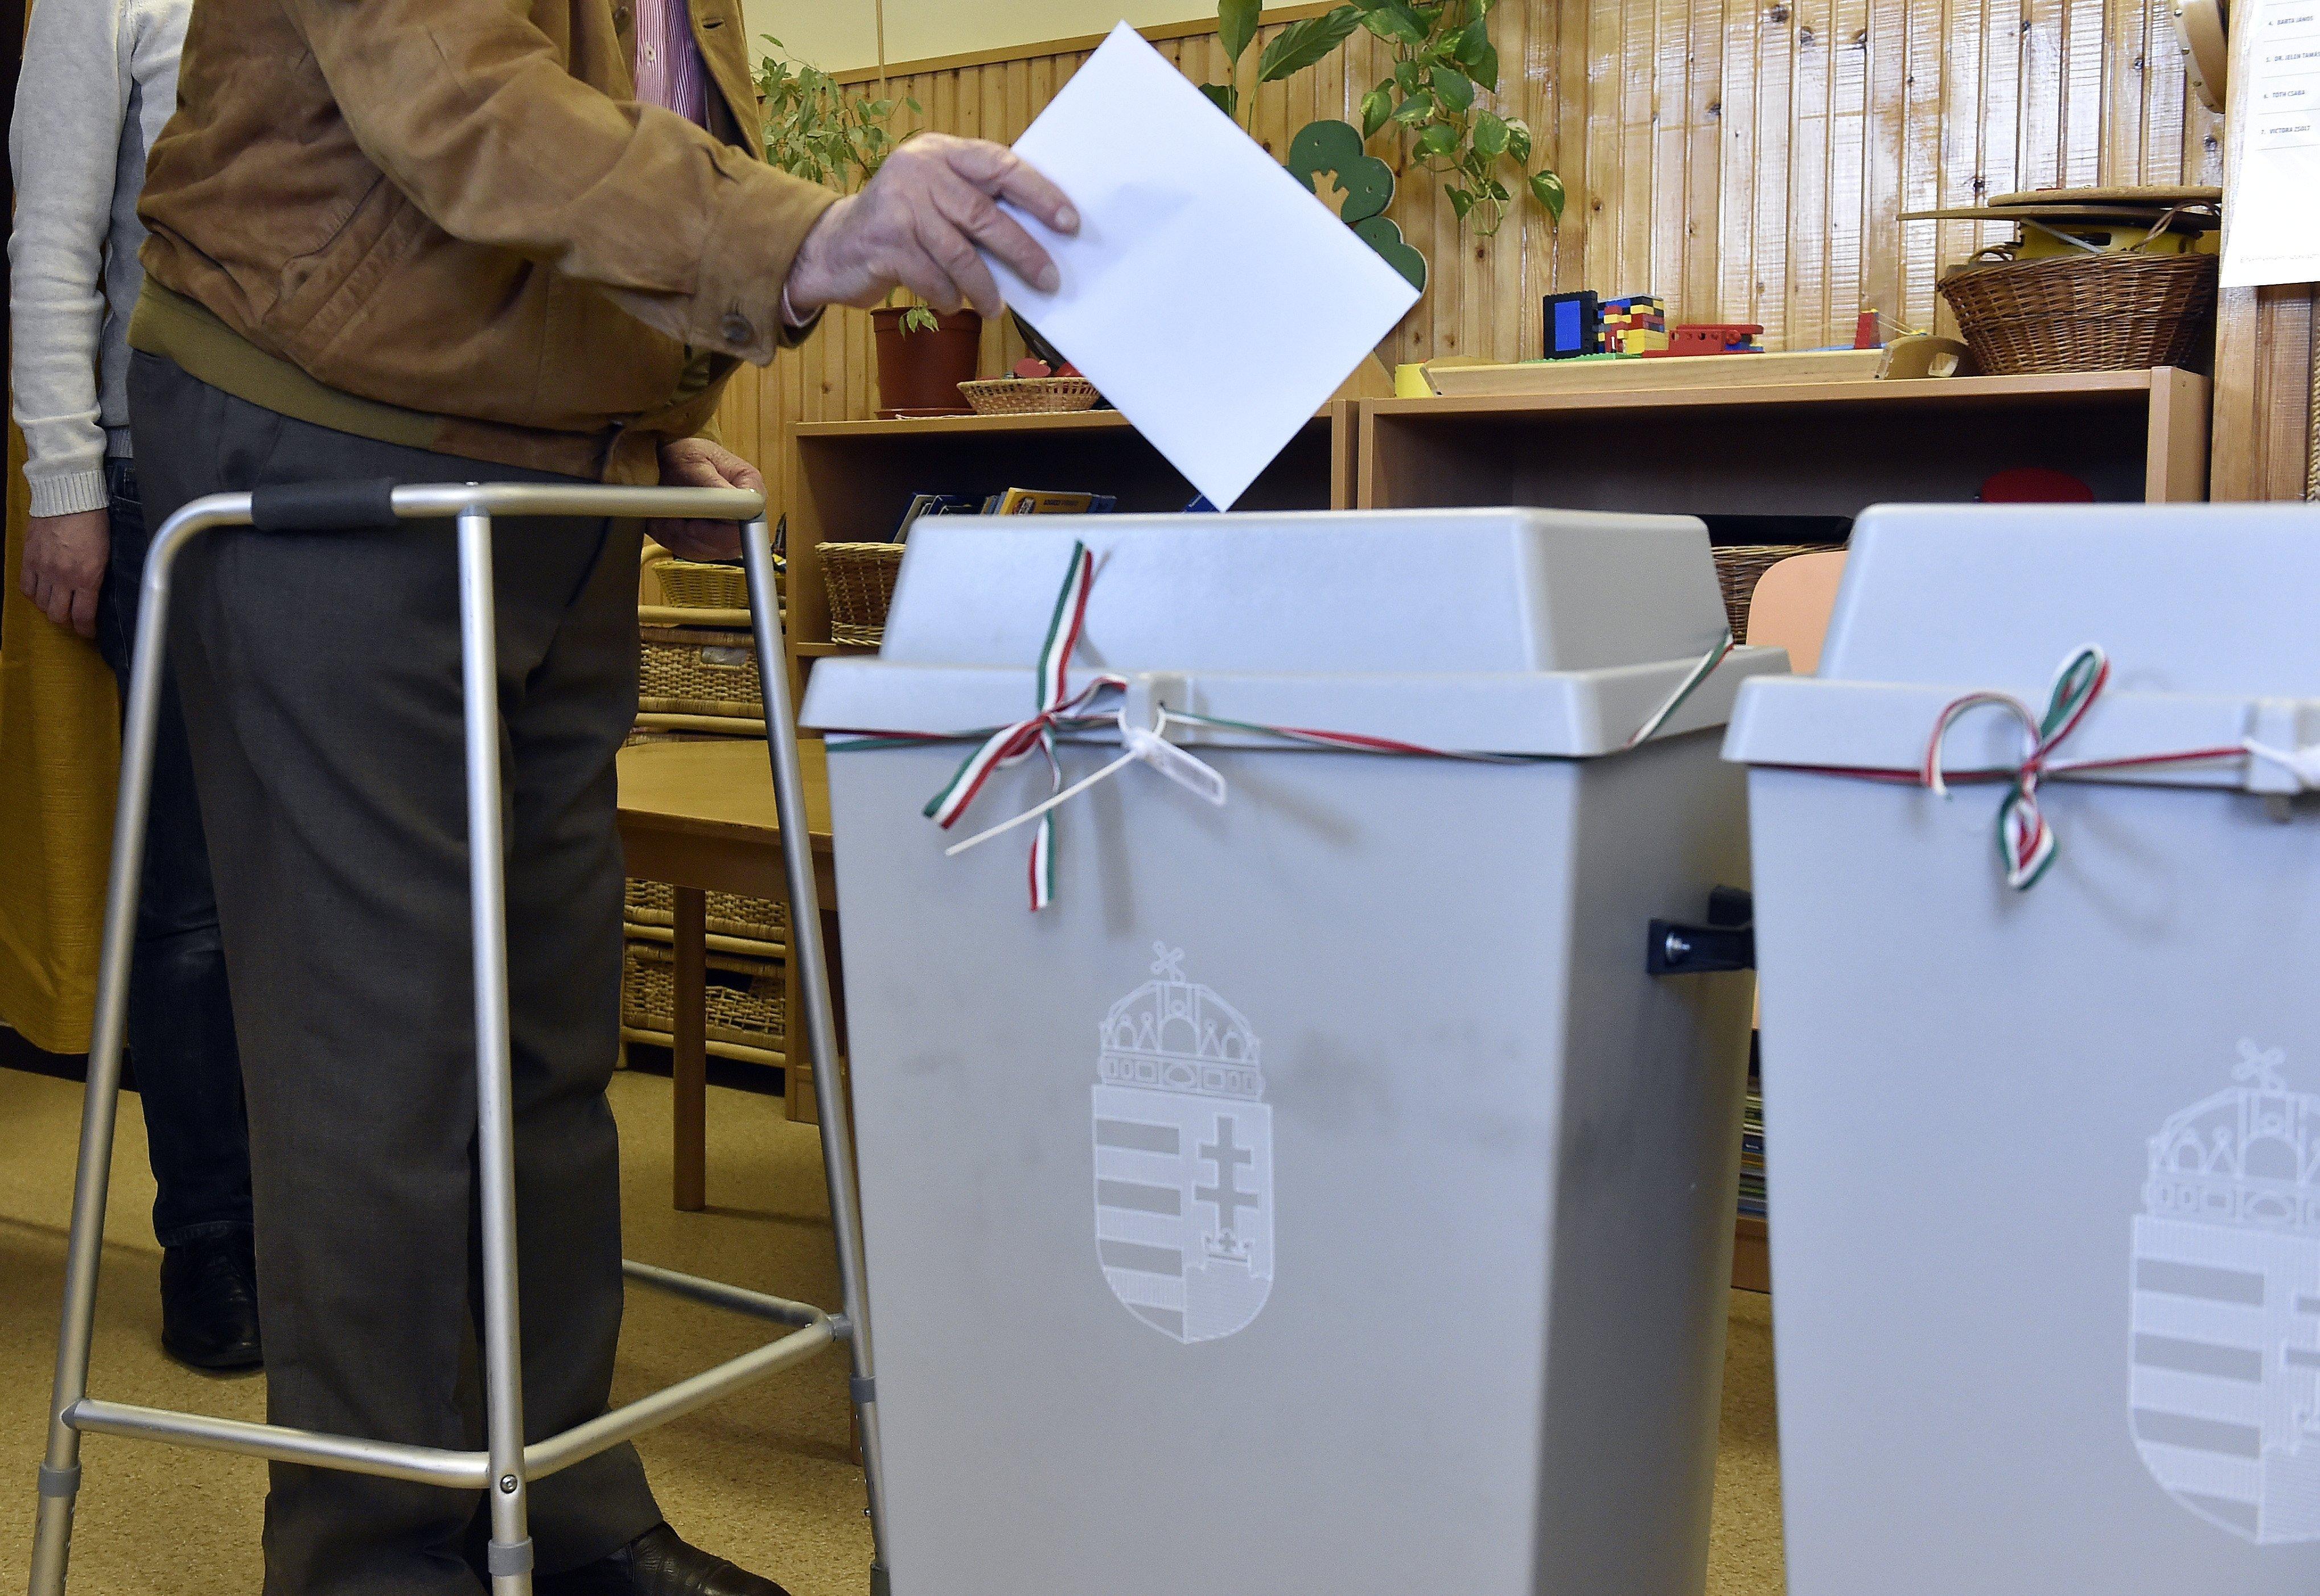 Dejtár a legjobb példa arra, hogyan tűntek el az ellenzéki pártokra adott szavazatok